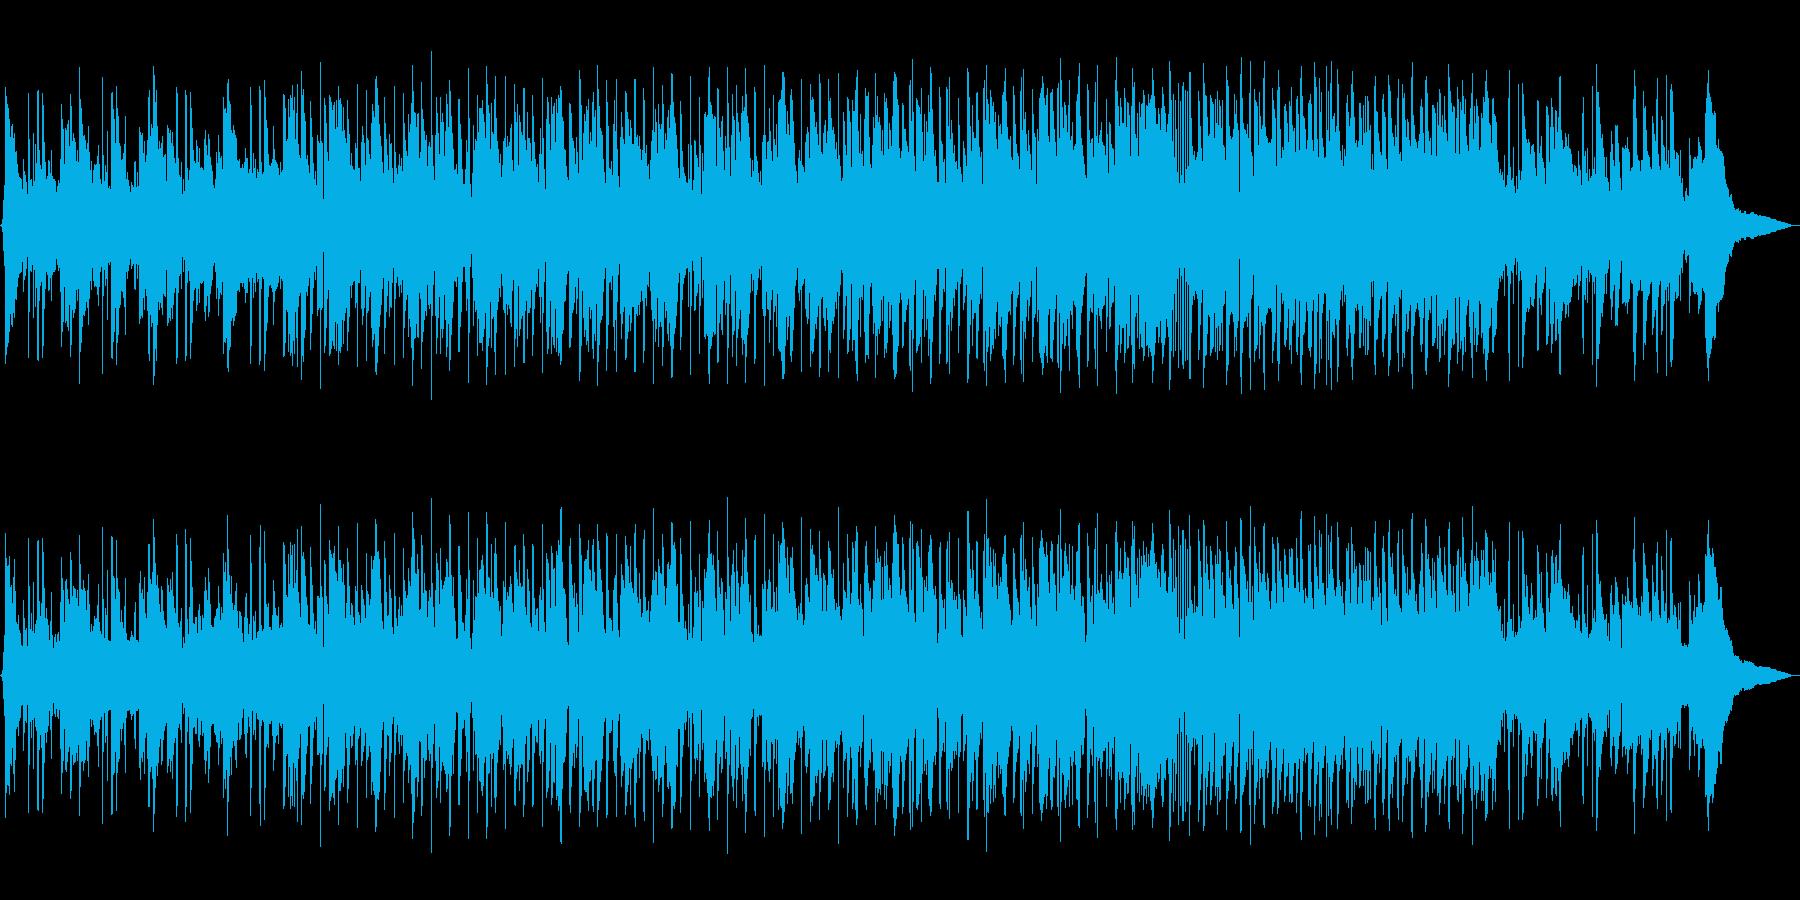 ギターによるリラックスしたポップスの再生済みの波形